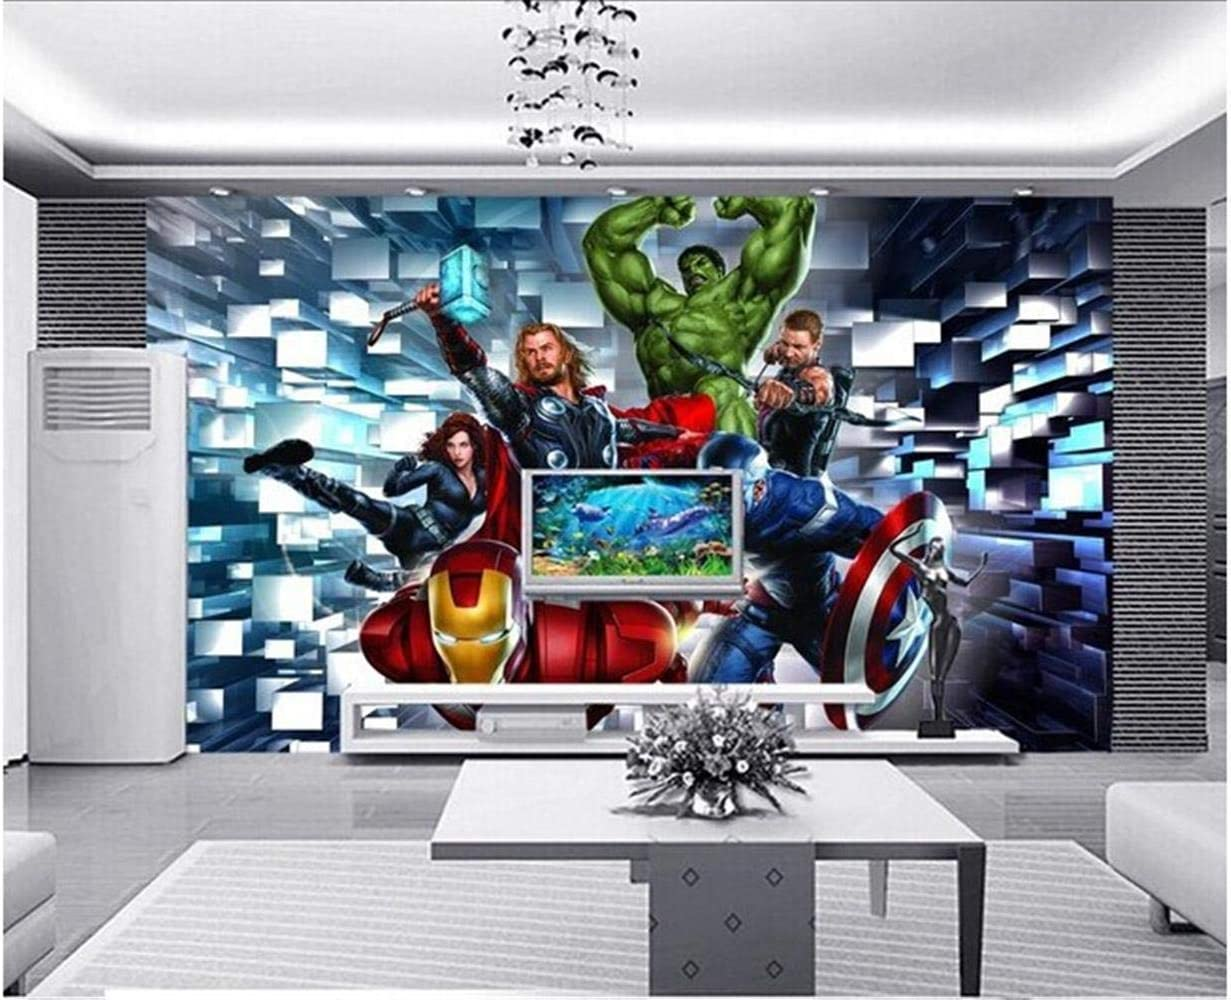 Papier peint comique Bar de la salle de jeu Internet Cafe D/écoration murale Papier peint 3D Cartoon Cartoon Avengers Fresco,200x140cm